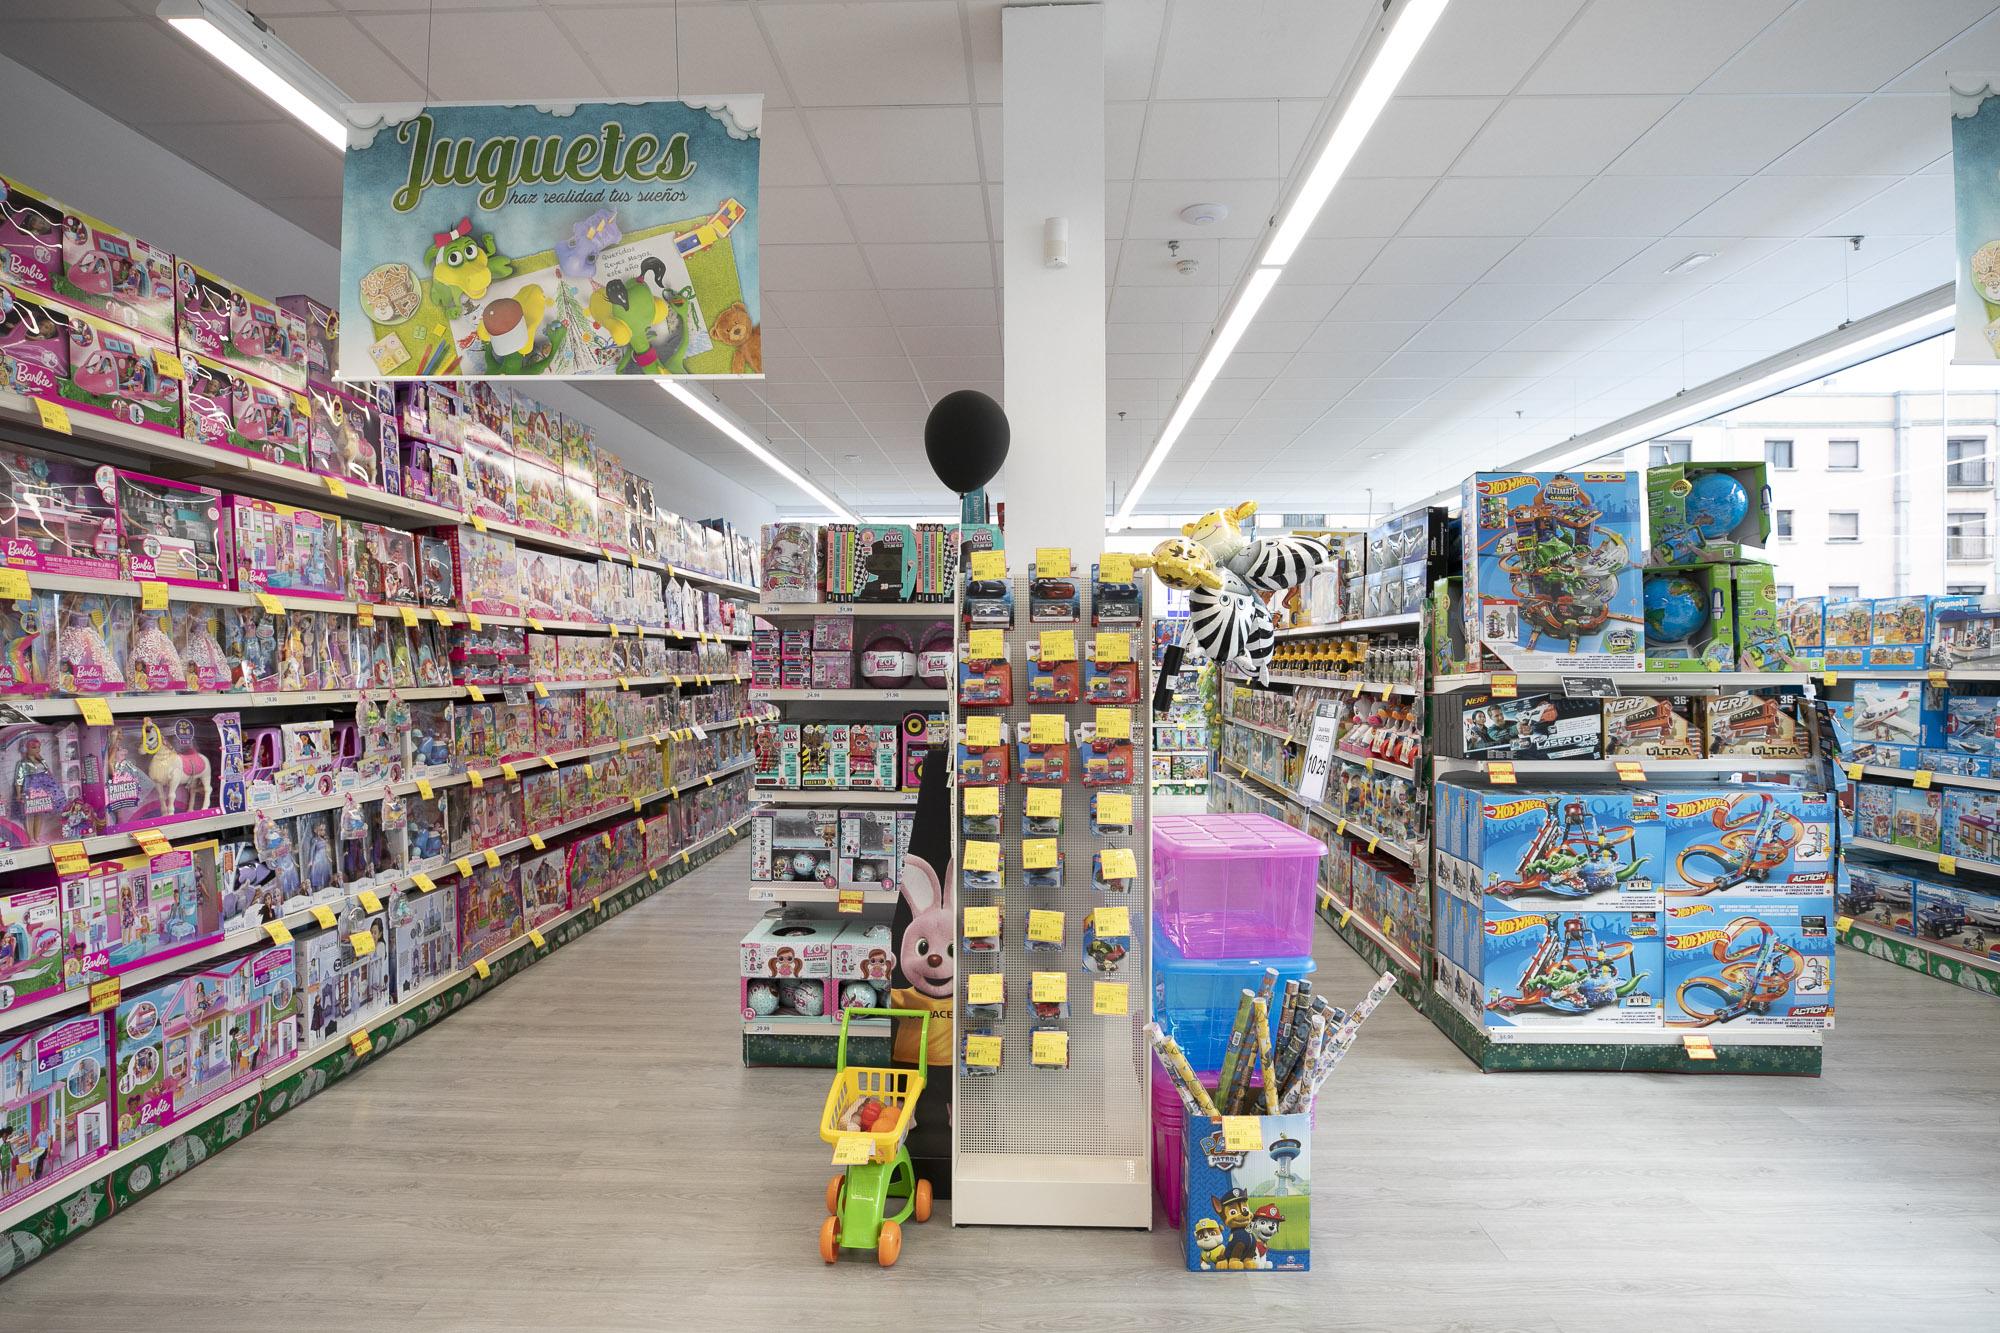 HiperDino amplía su oferta y estrena nuevos espacios dedicados a juguetes / CanariasNoticias.es